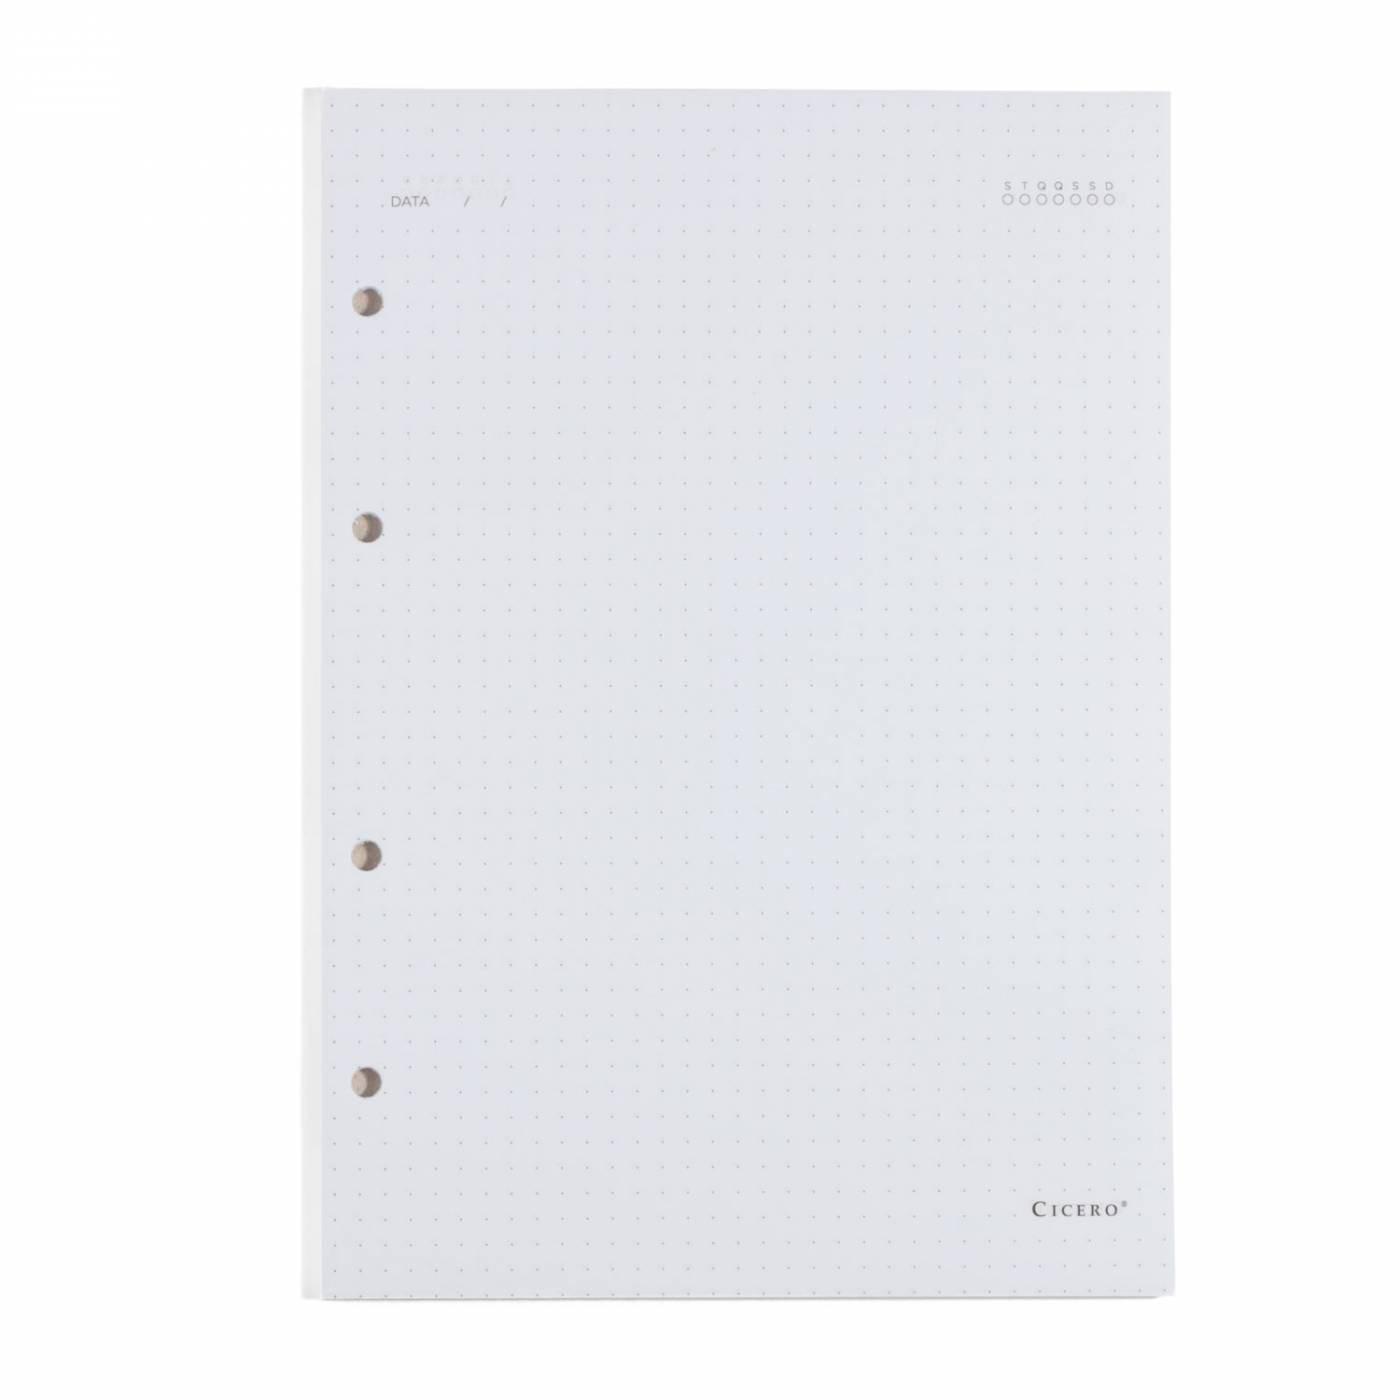 Refil Caderno Fichario 17x24cm Pontilhado Folha Branca 90gr